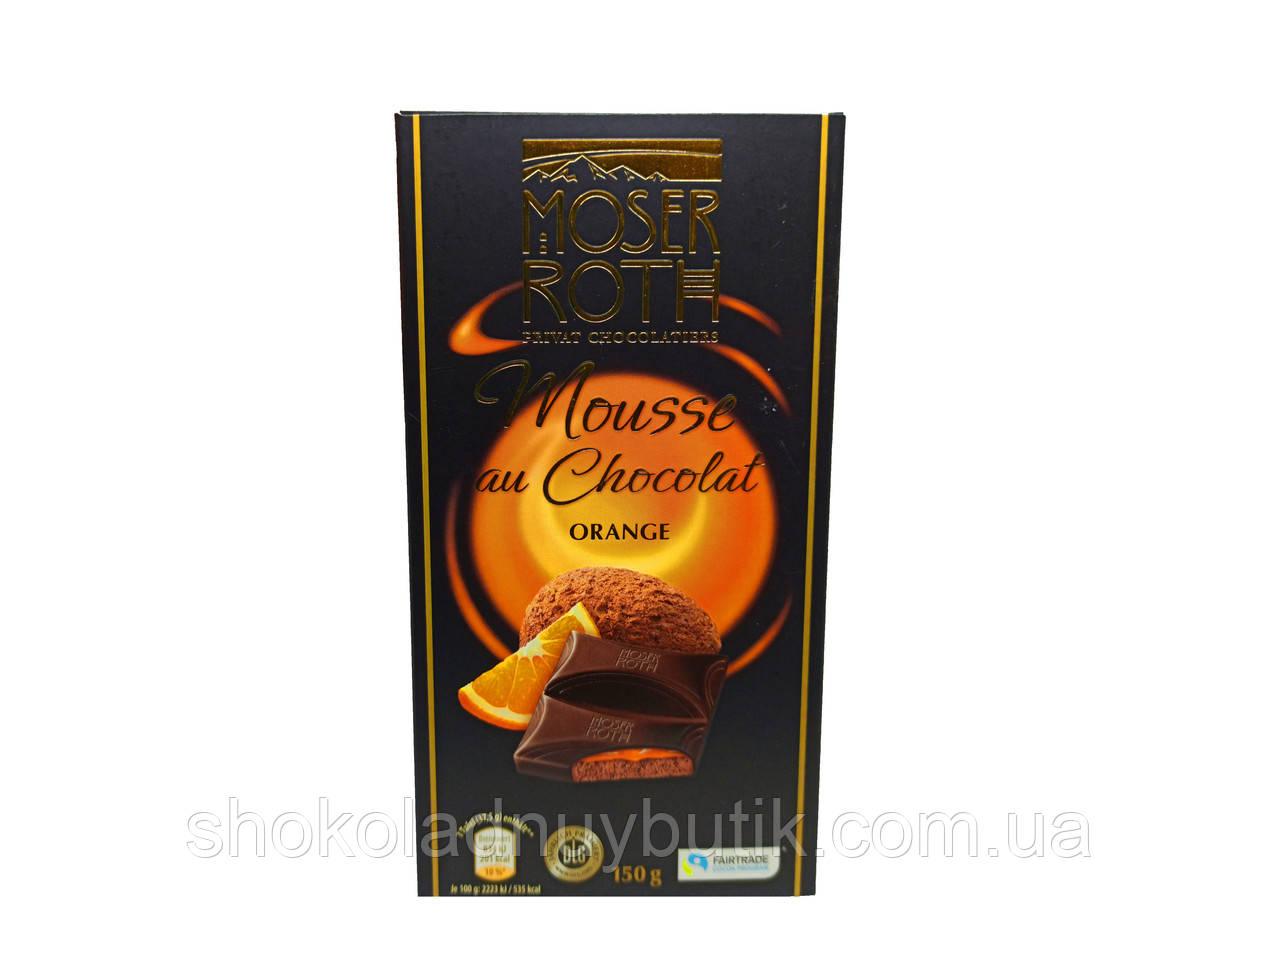 Шоколад MOSER ROTH, чёрный 85% с Апельсином, 150.